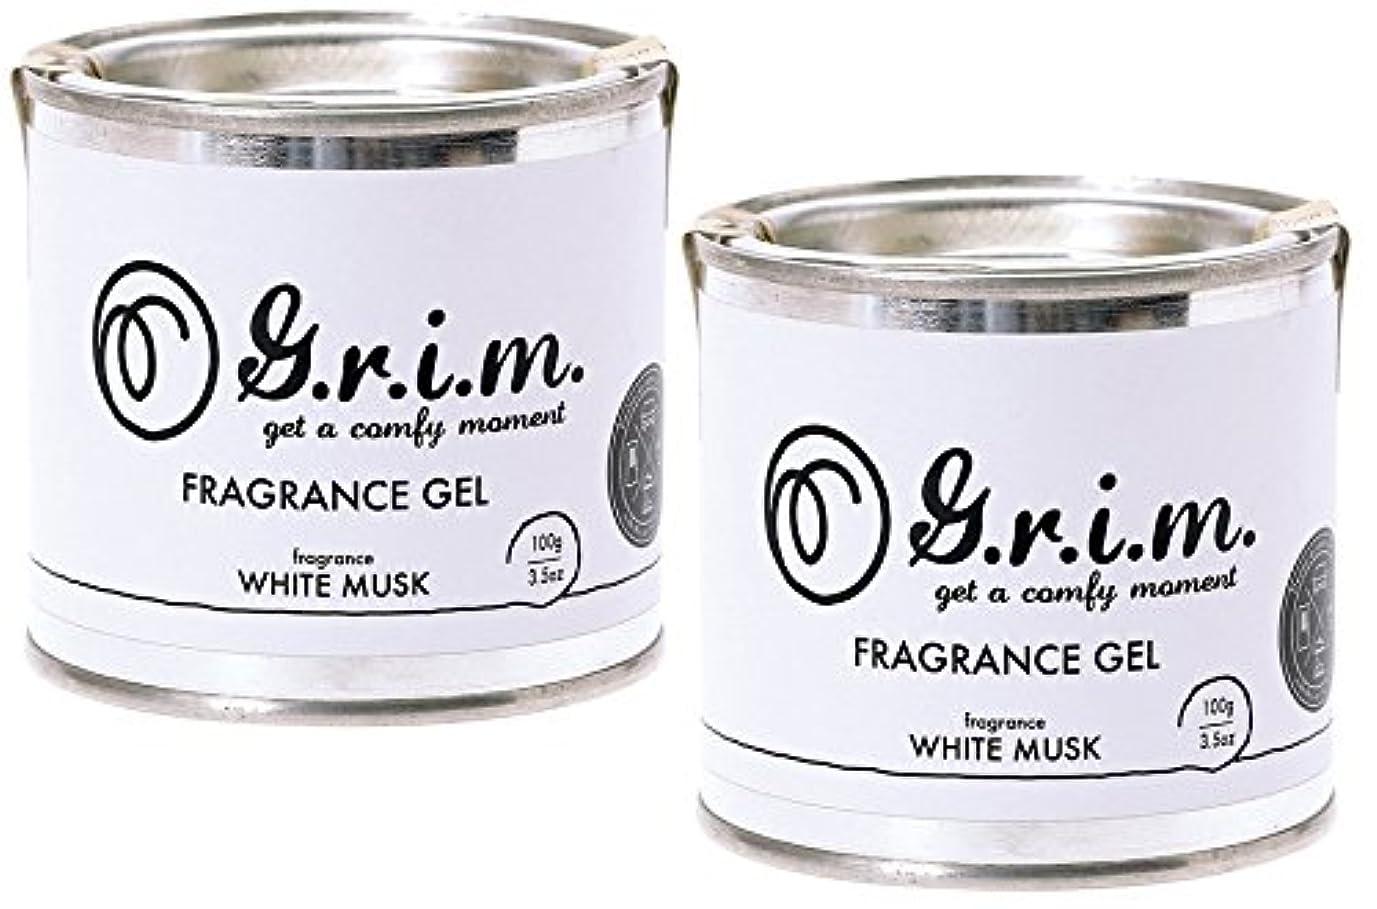 報復カウント論理的に【2個セット】ノルコーポレーション g.r.i.m 芳香剤 フレグランスジェル 100g ホワイトムスク OA-GRM-2-1